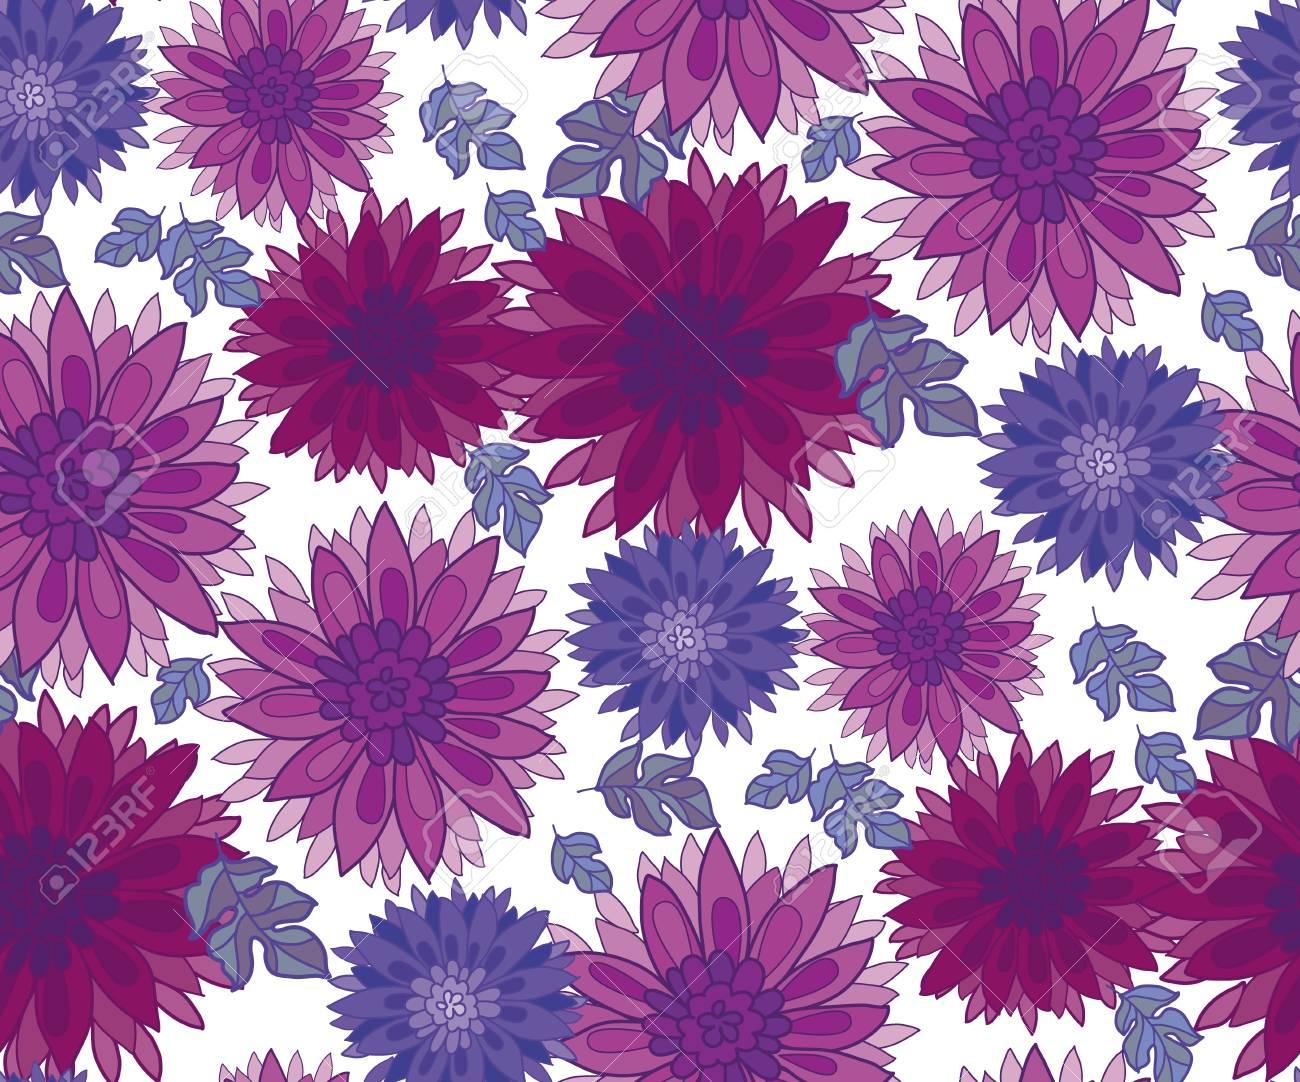 菊の花のタイル デザイン要素。 アスターの花の装飾的なベクトル